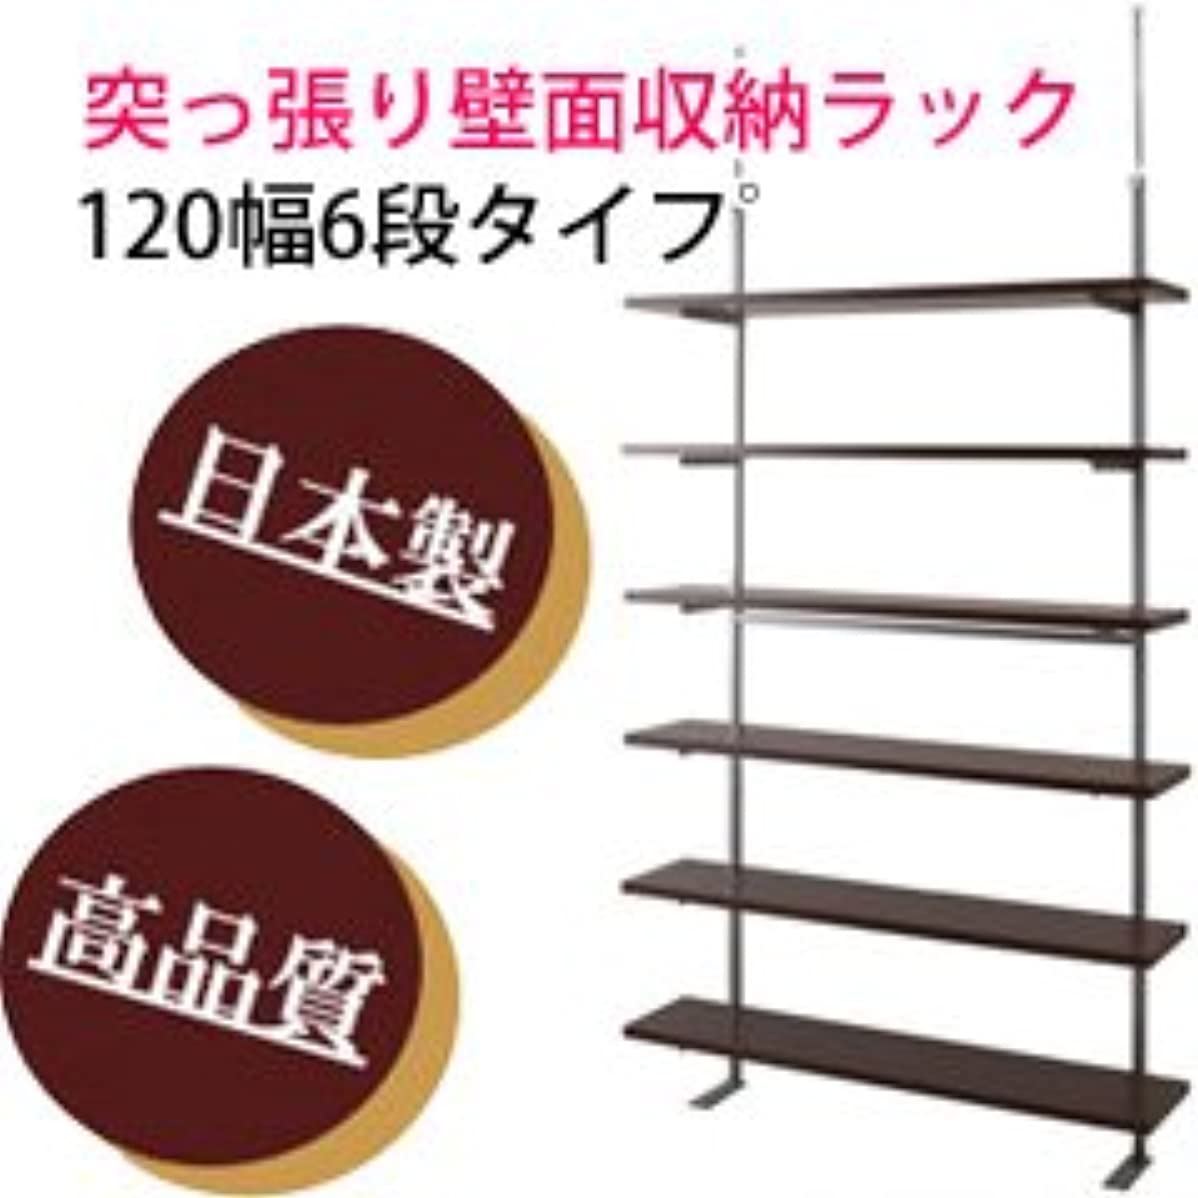 綺麗なに変わるクリップ[壁面突っ張り収納ラック 120幅6段タイフ゜] つっぱりウォールラック 日本製